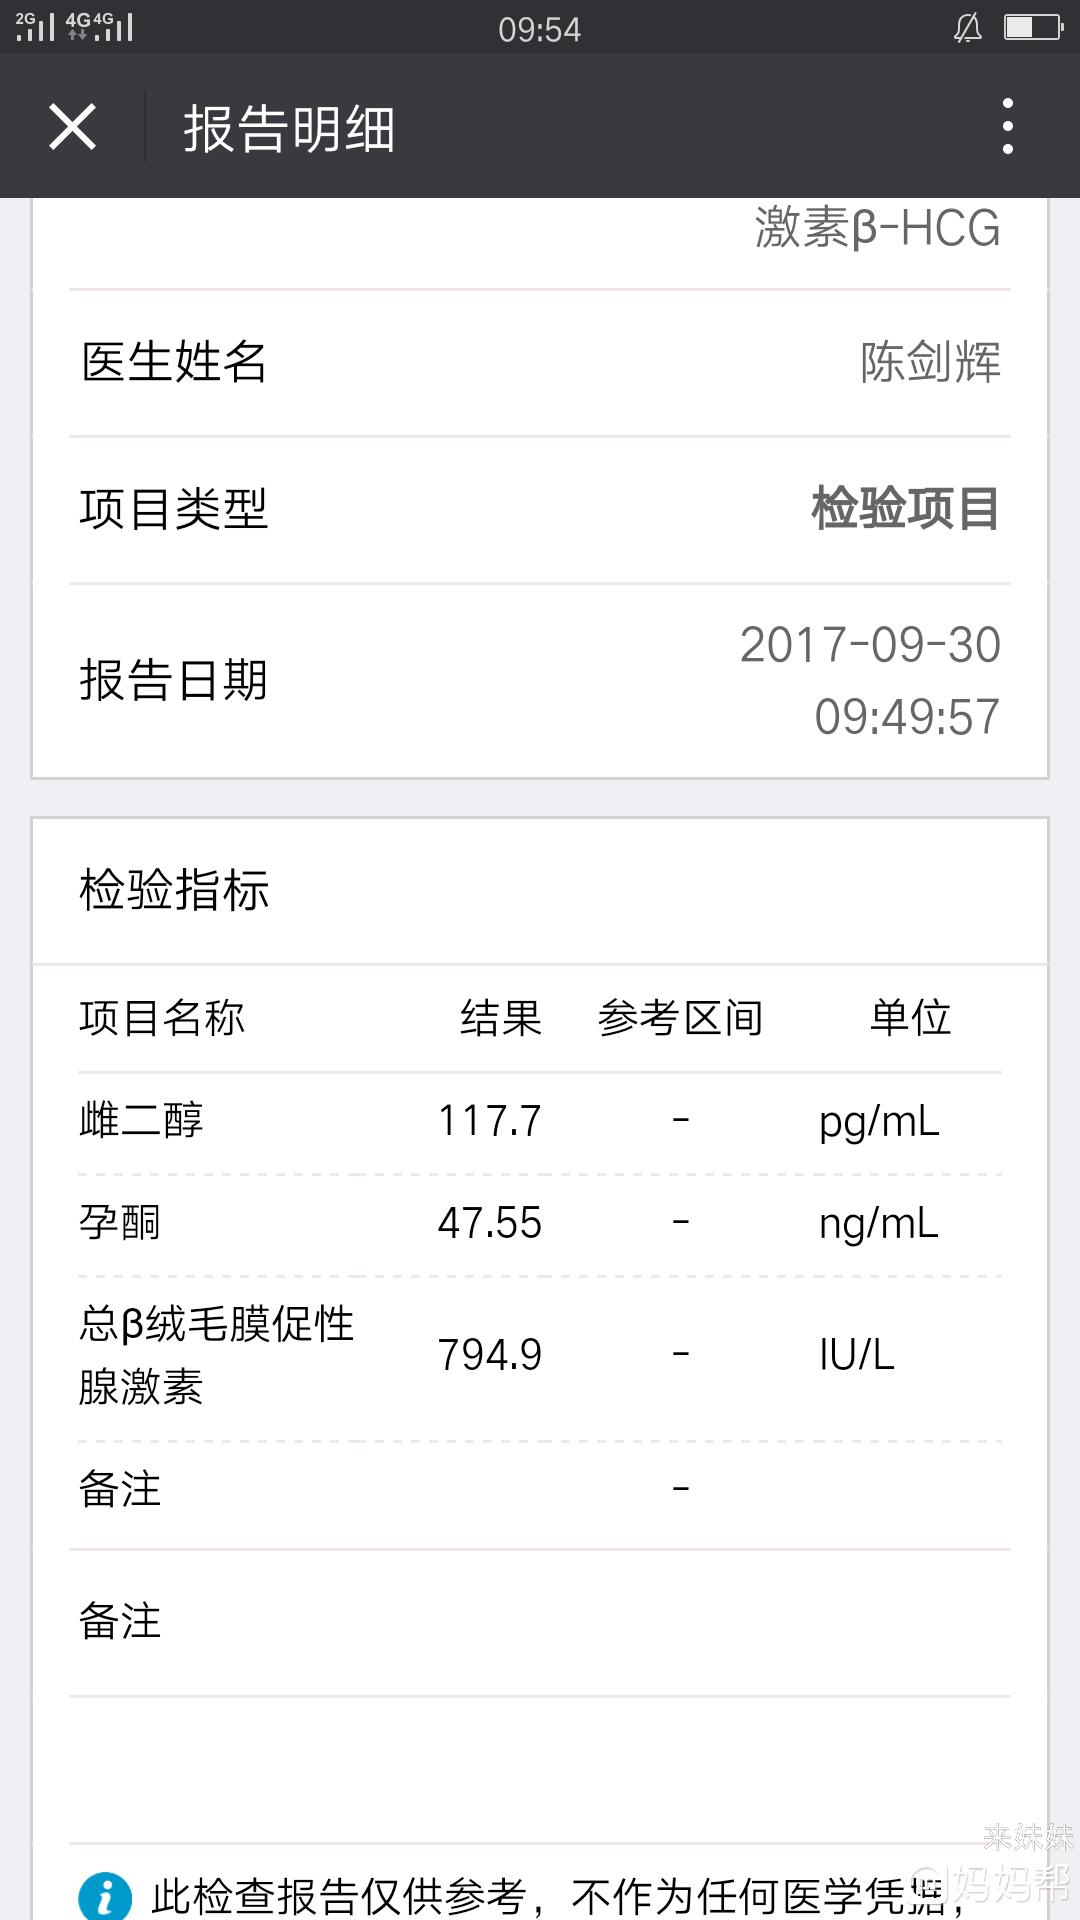 87555开奖结果查询 香港六宝典资料大全